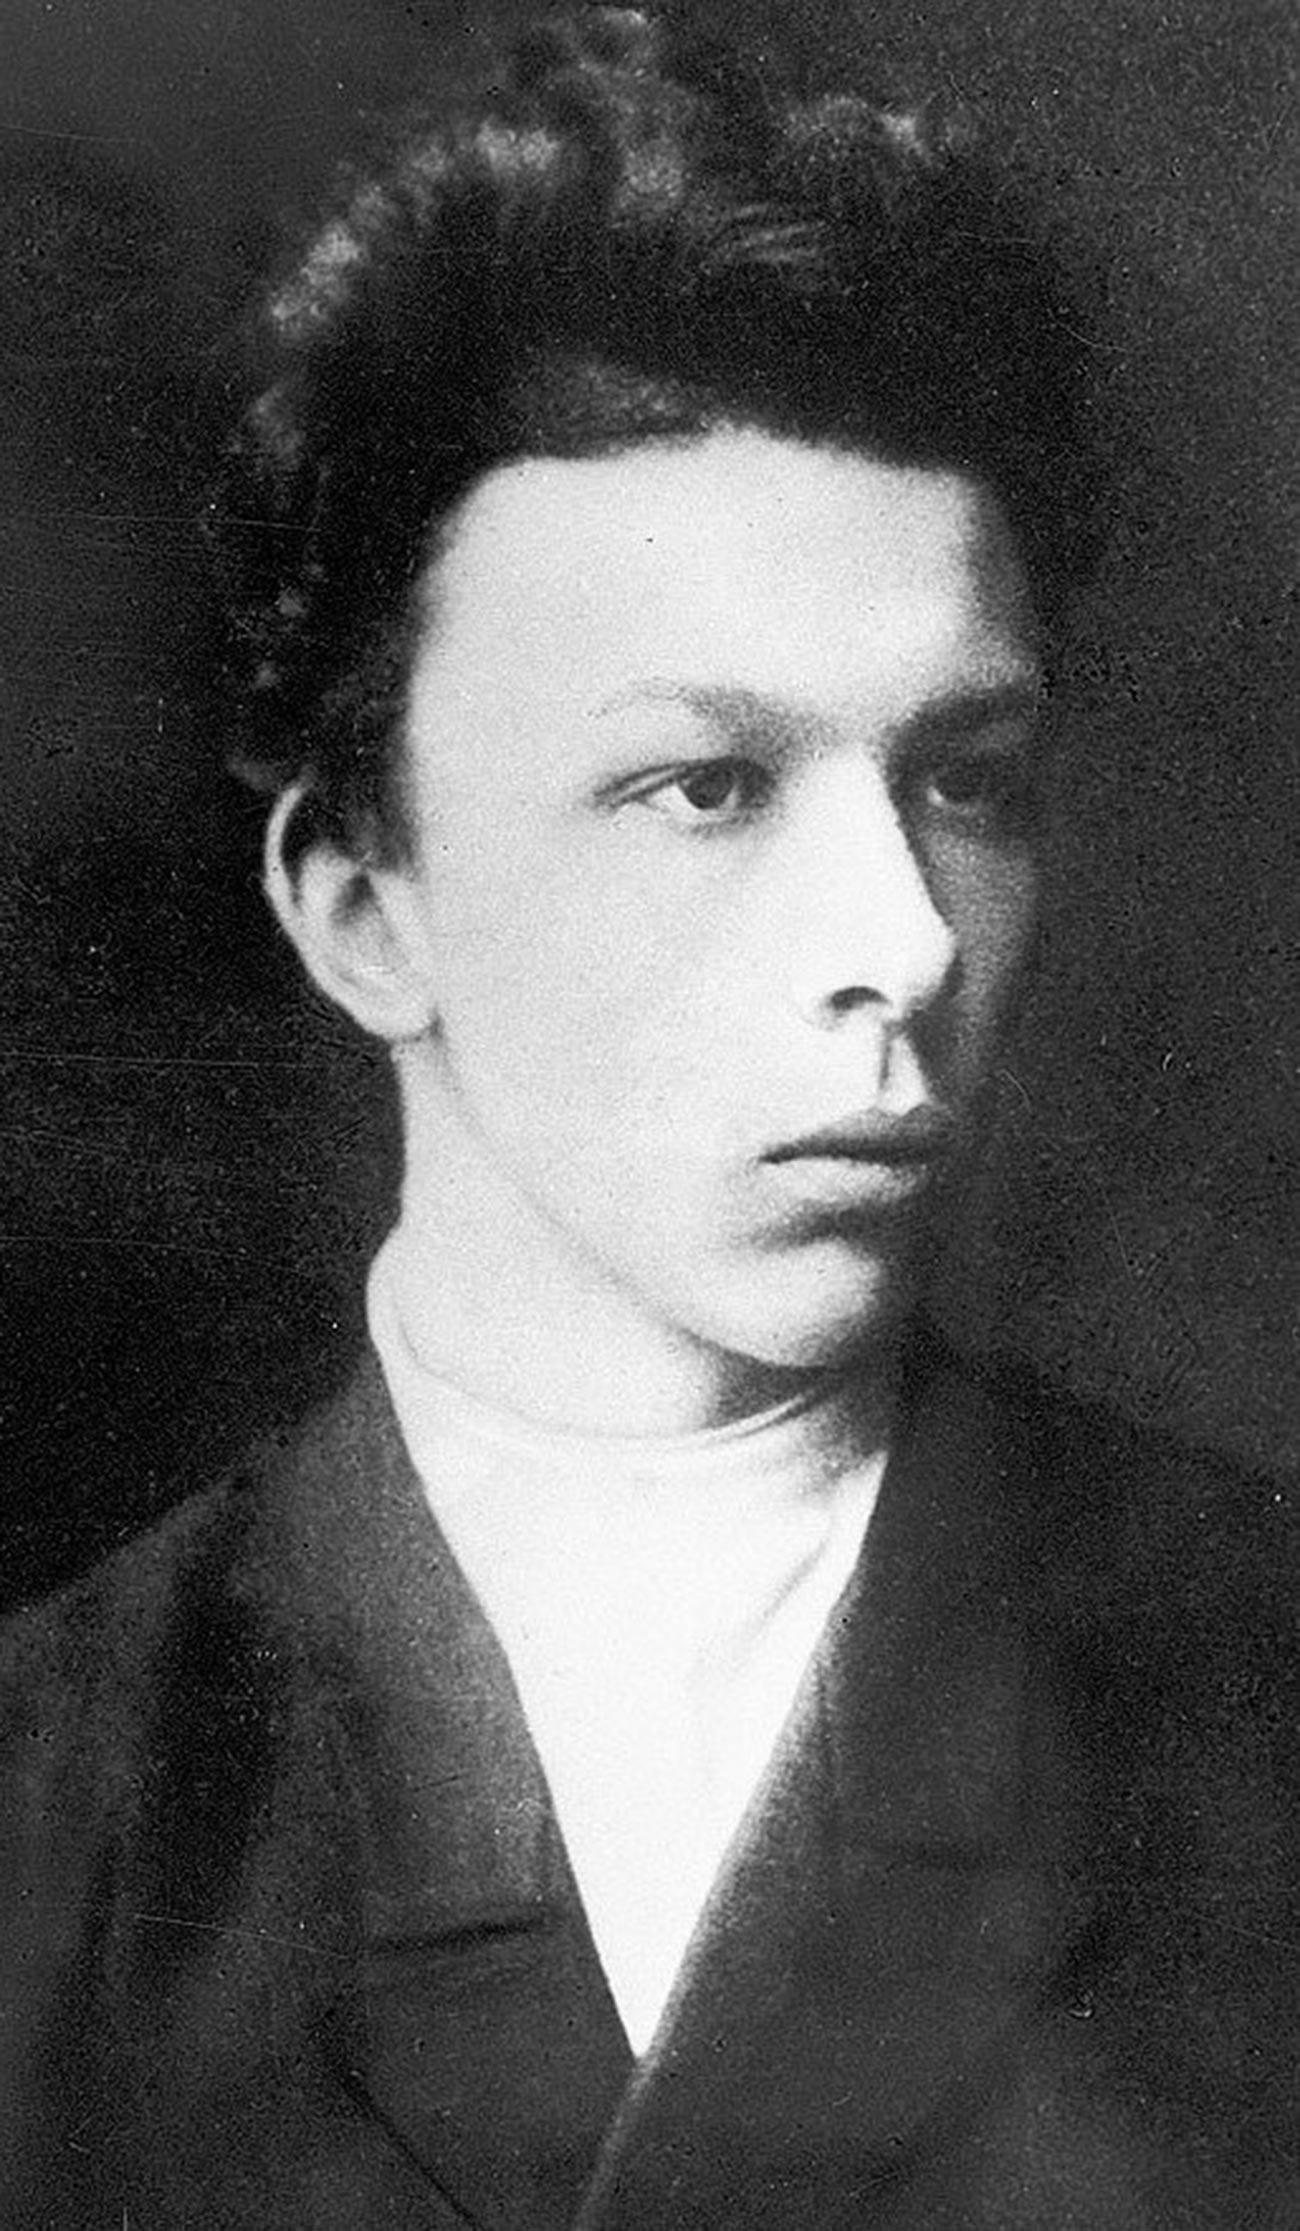 Александър Улянов (1866-1887), по-големият брат на Владимир Ленин